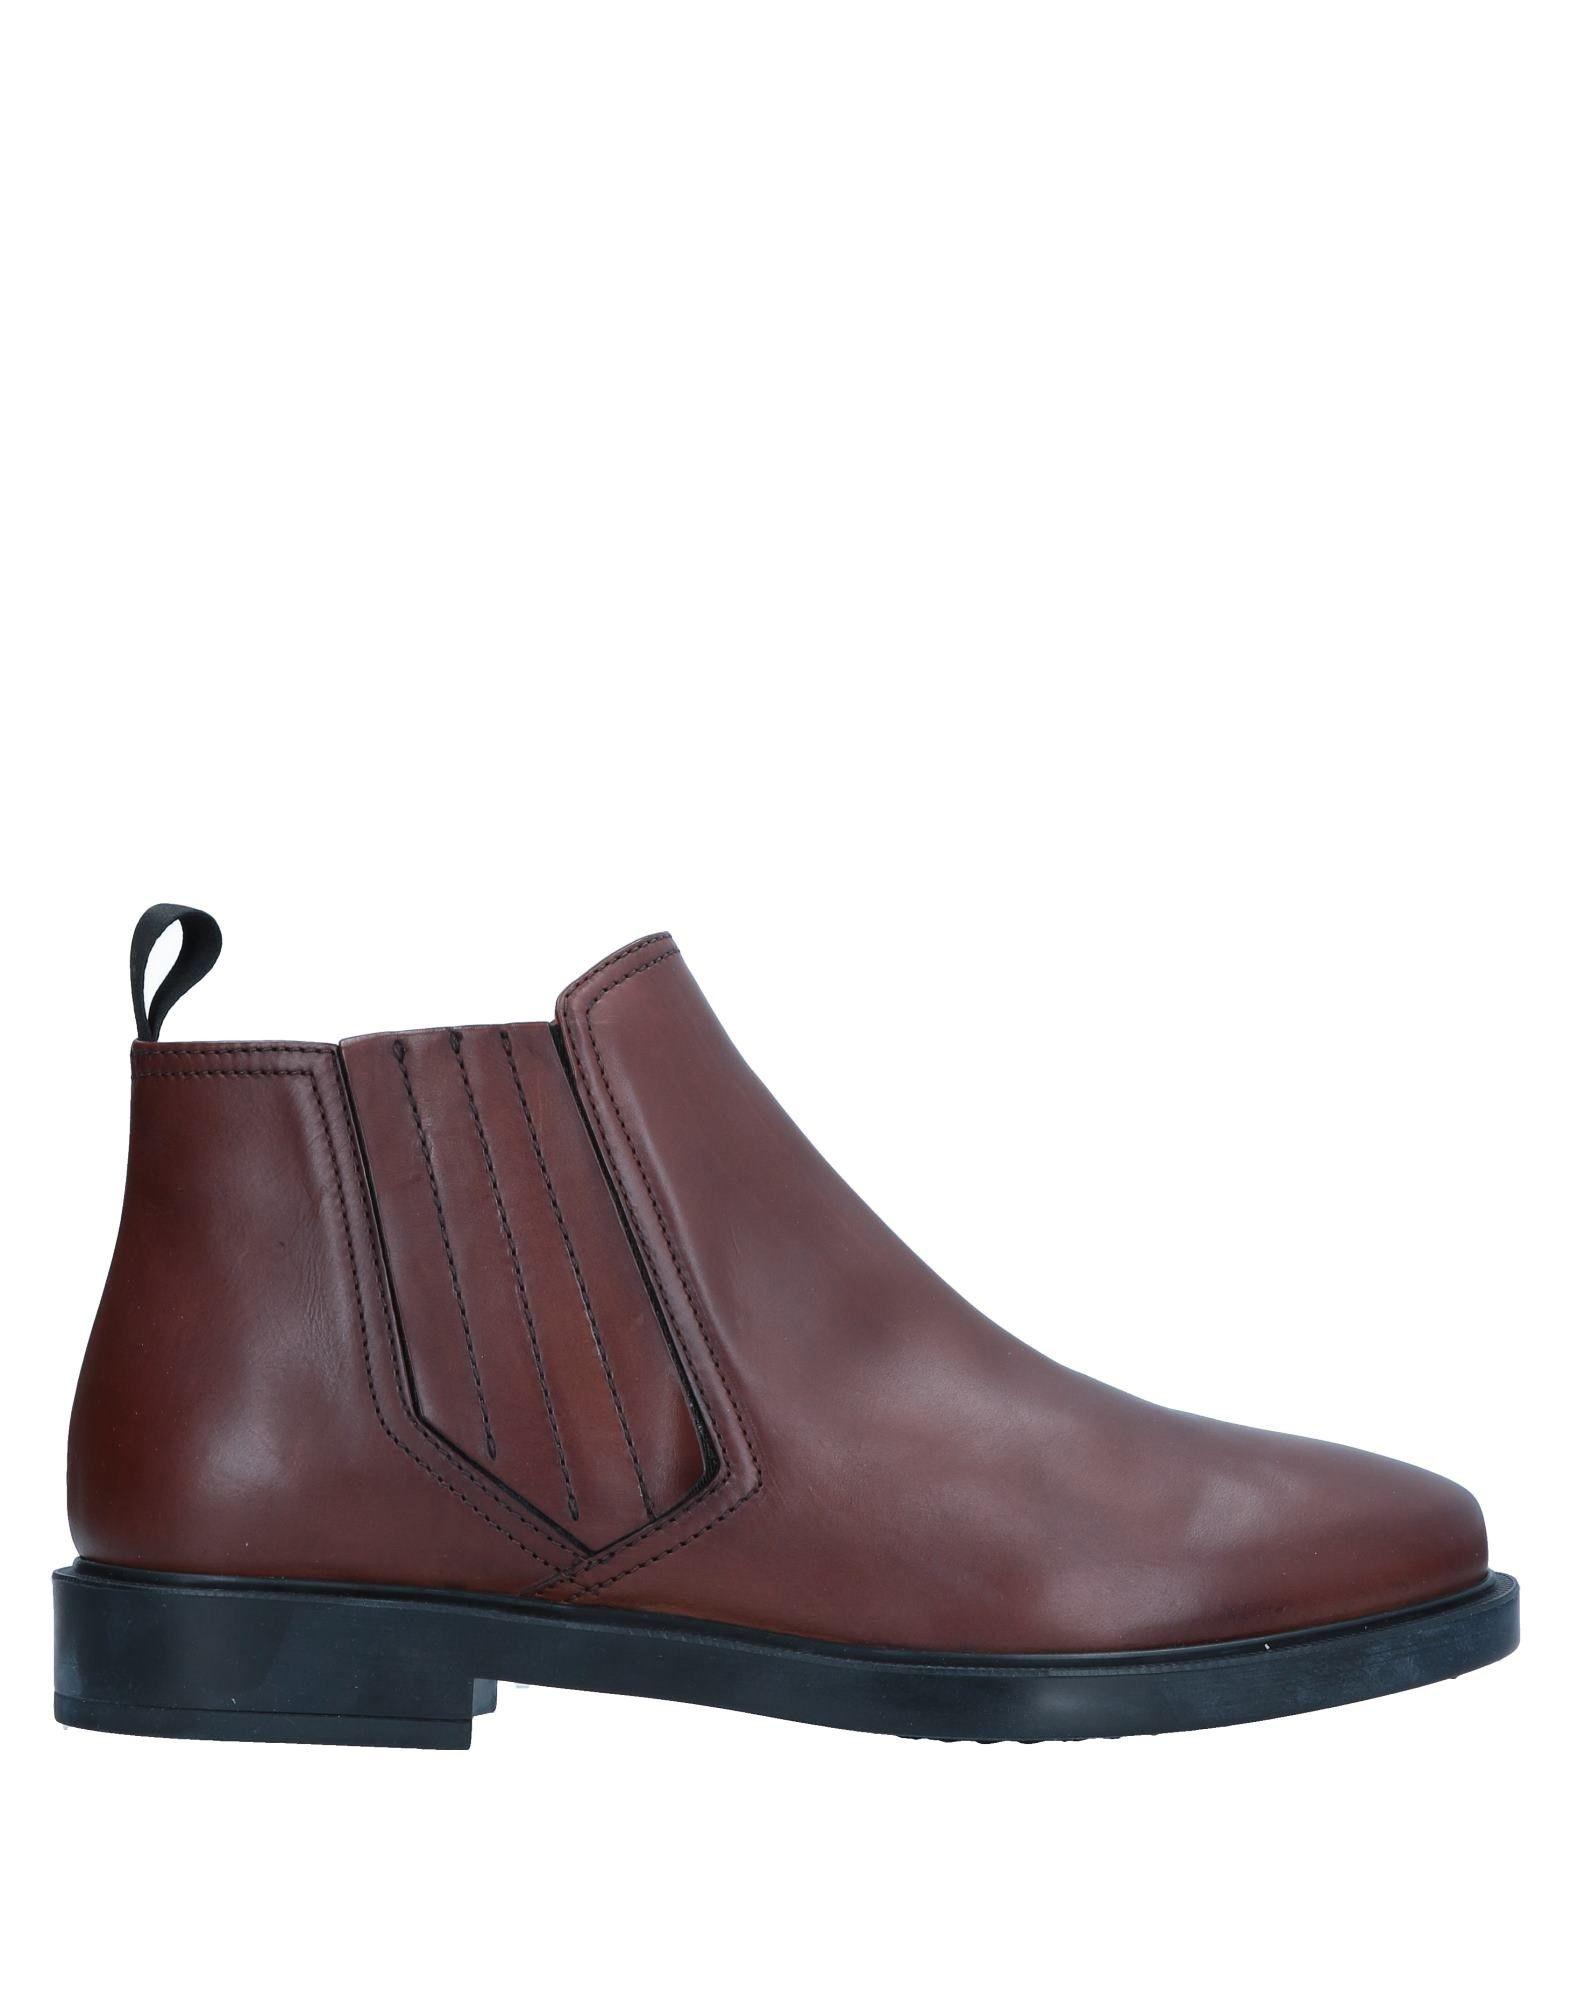 Chelsea Boots 11525458JQ Triver Flight Donna - 11525458JQ Boots a99e16